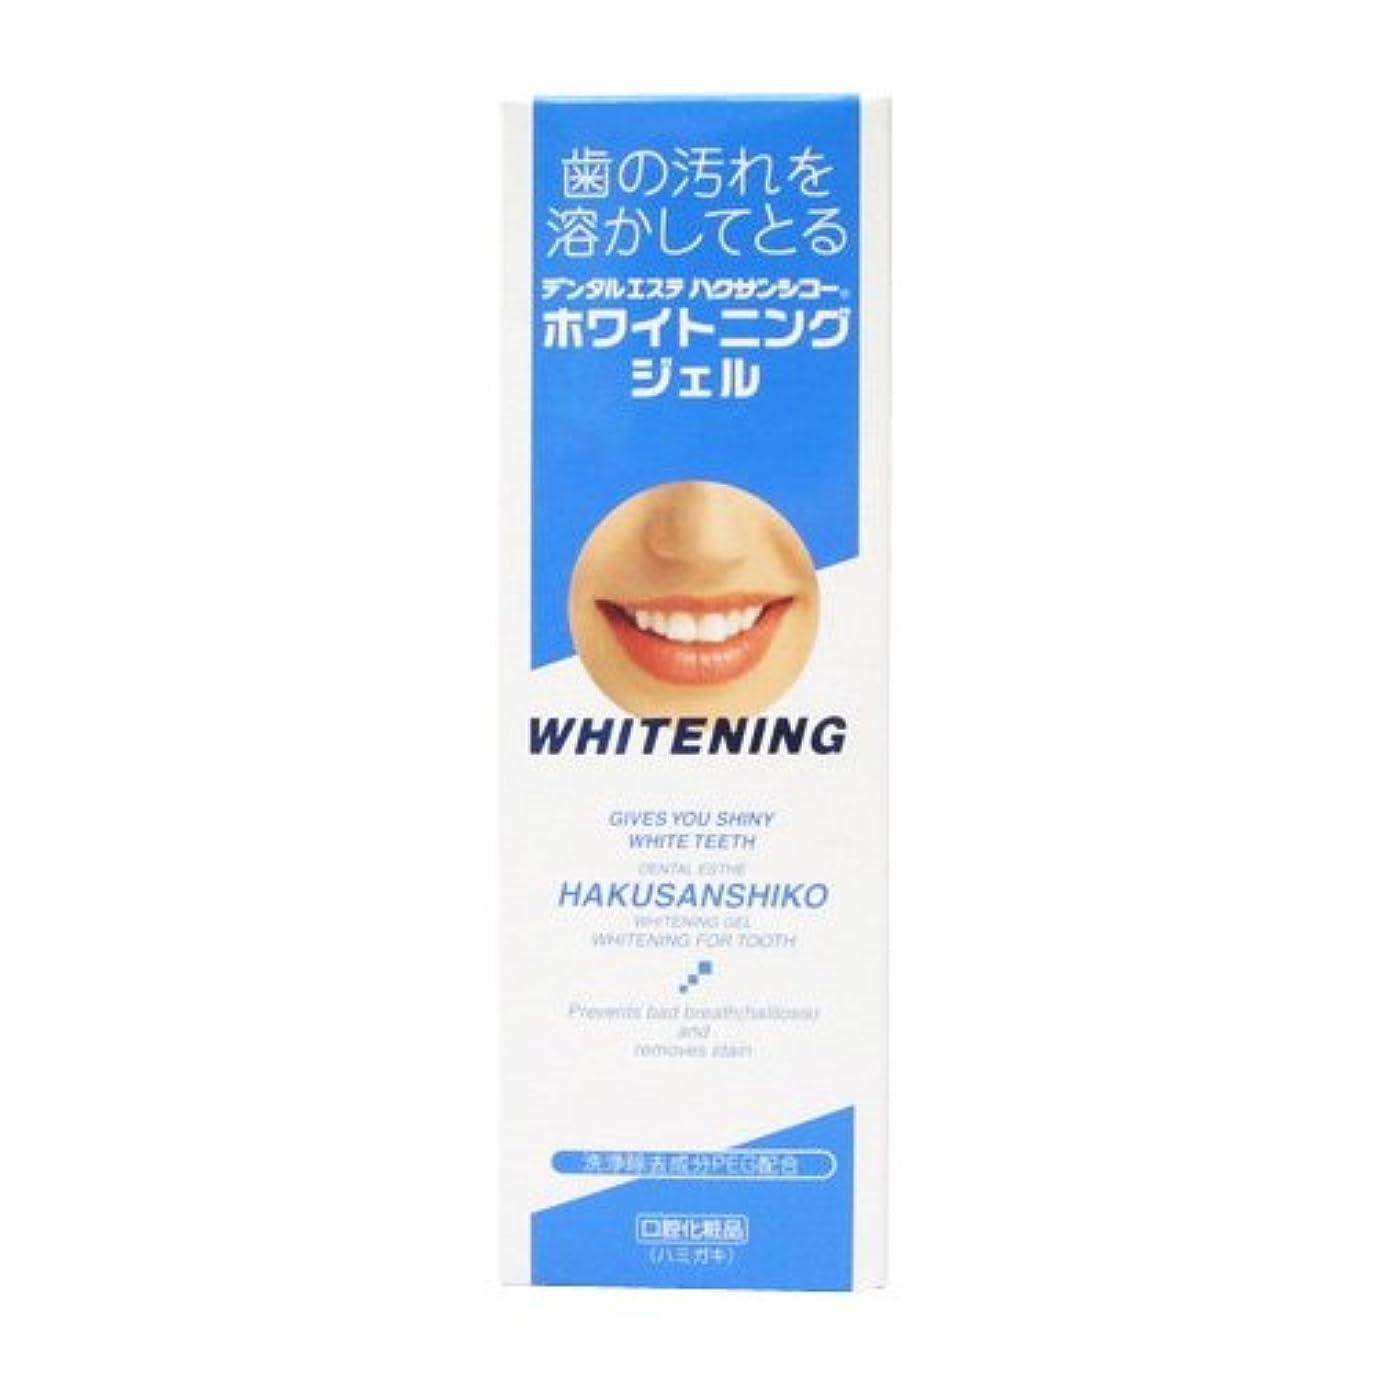 確かめる許される矛盾する中薬 ハクサンシコー ホワイトニングジェル70g